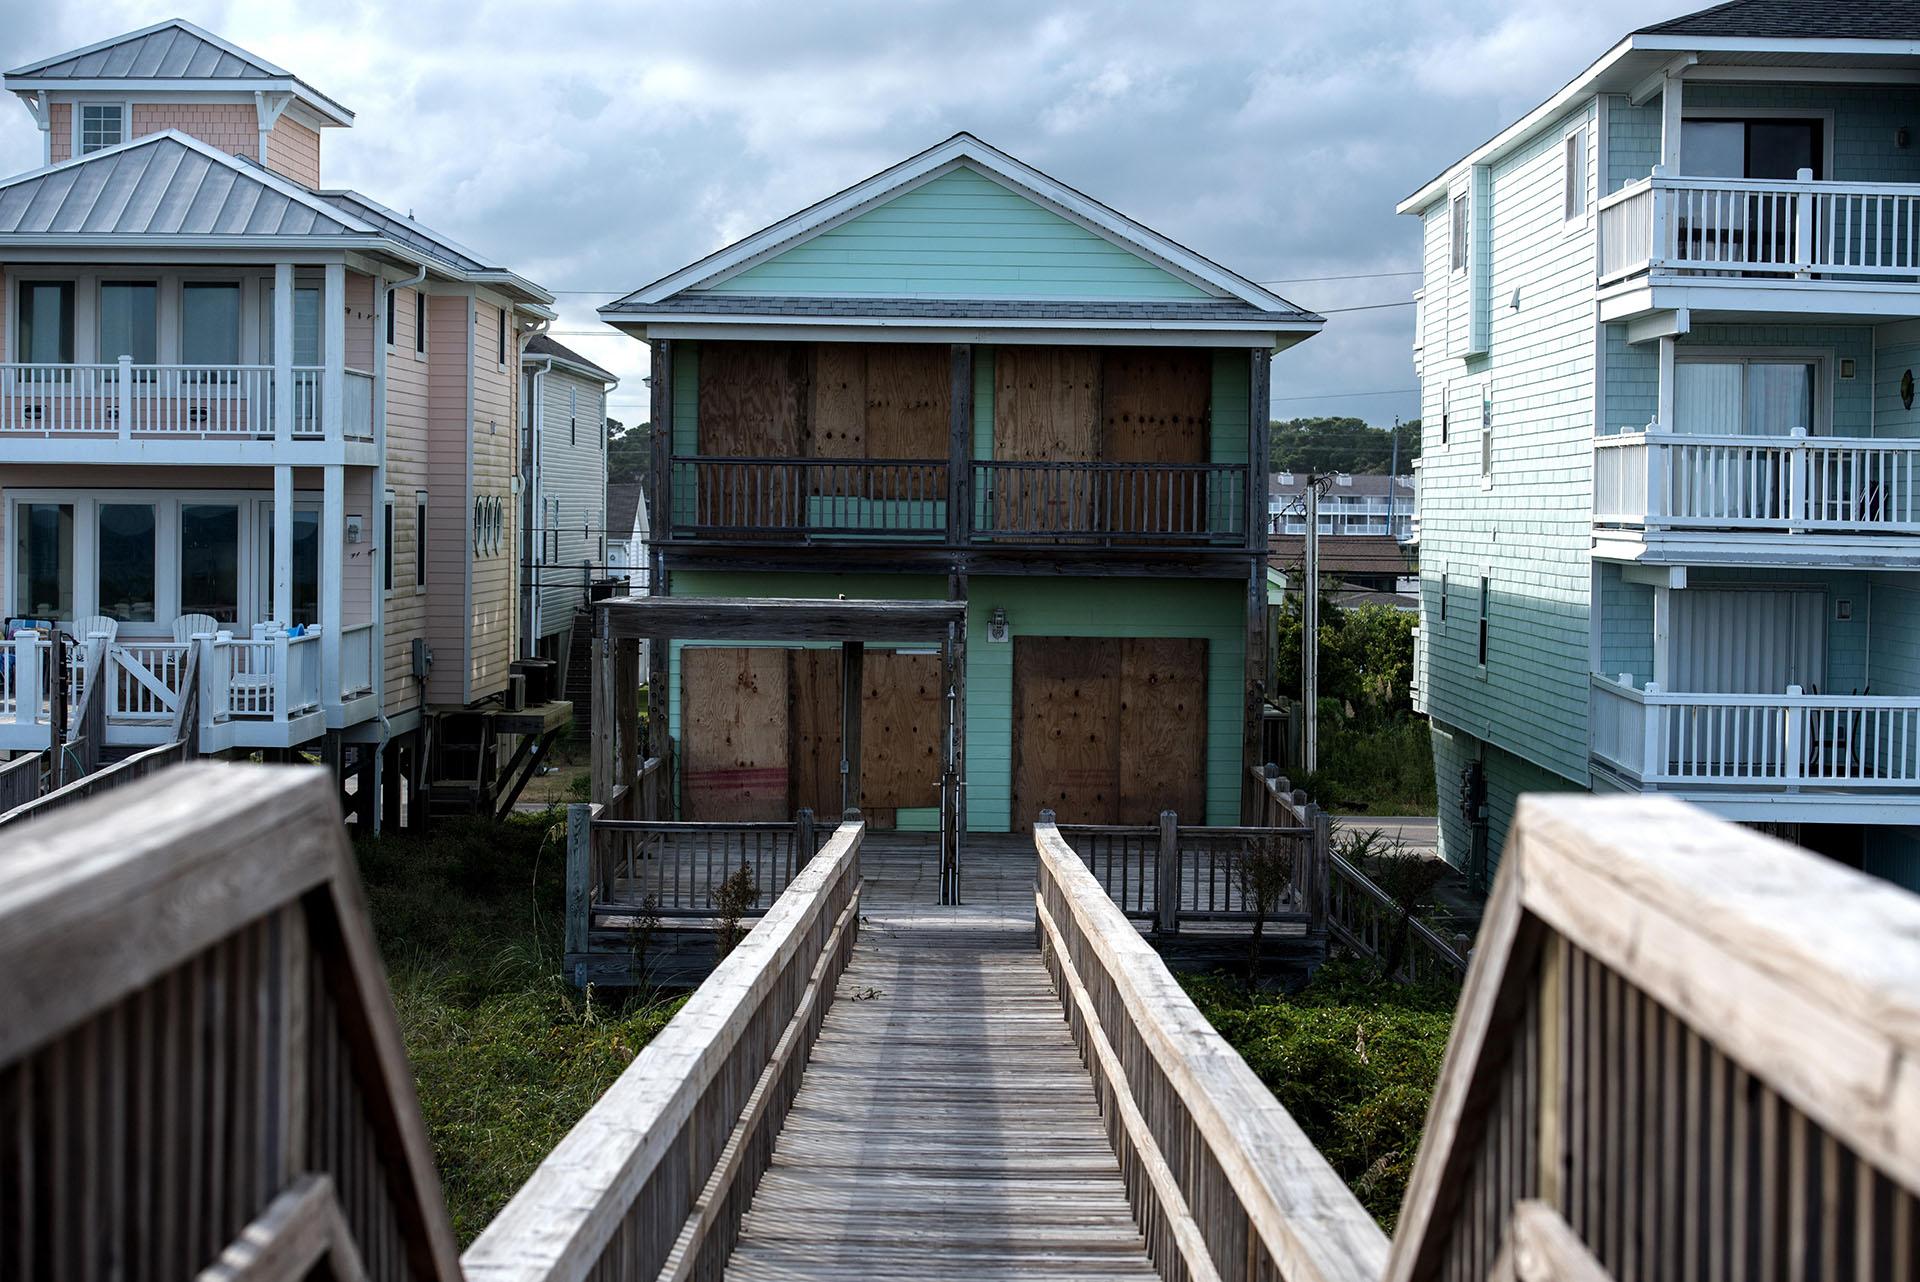 Vista de una casa vacía después de que la familia fuera evacuada ante la llegada del huracán Florence en Carolina Beach, Carolina del Norte, Estados Unidos (EFE/CAITLIN PENNA)